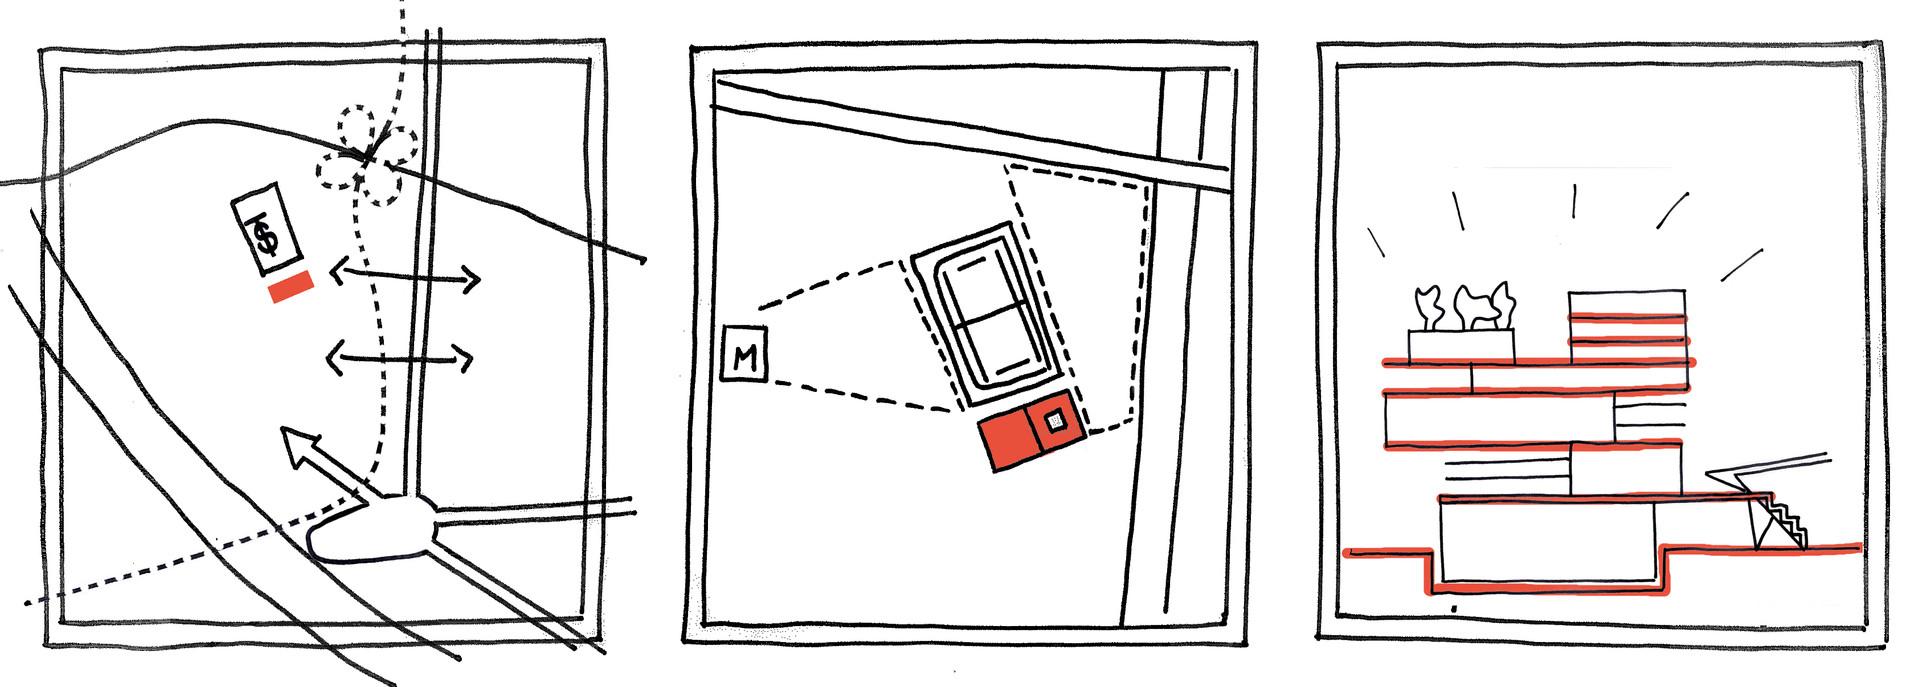 Les 3 enjeux : désenclavement du quartier, ouvrir l'espace et augmentation des usages